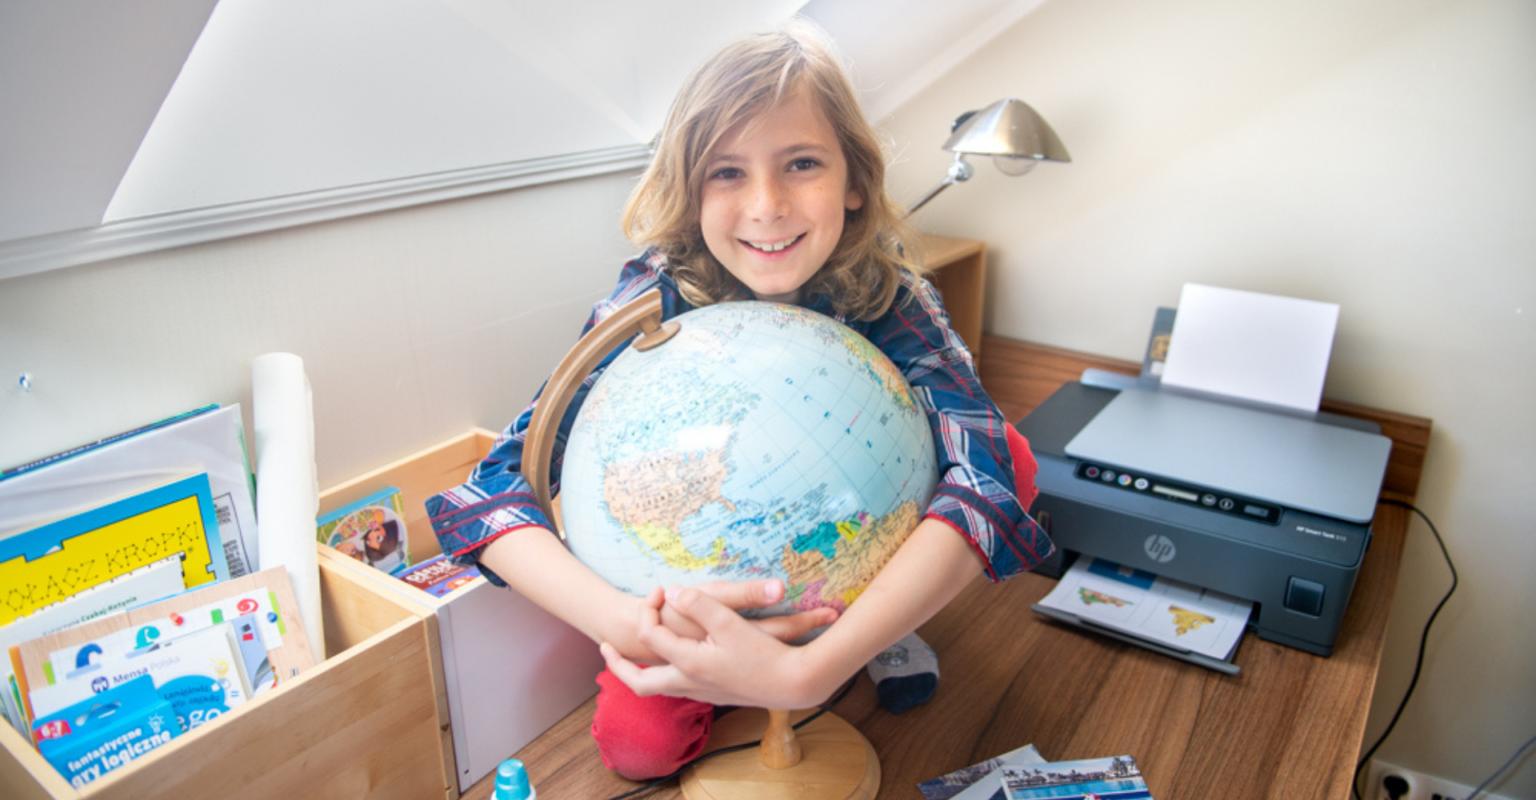 Jak zachęcić dziecko do nauki? Odkryj 6 skutecznych sposobów.